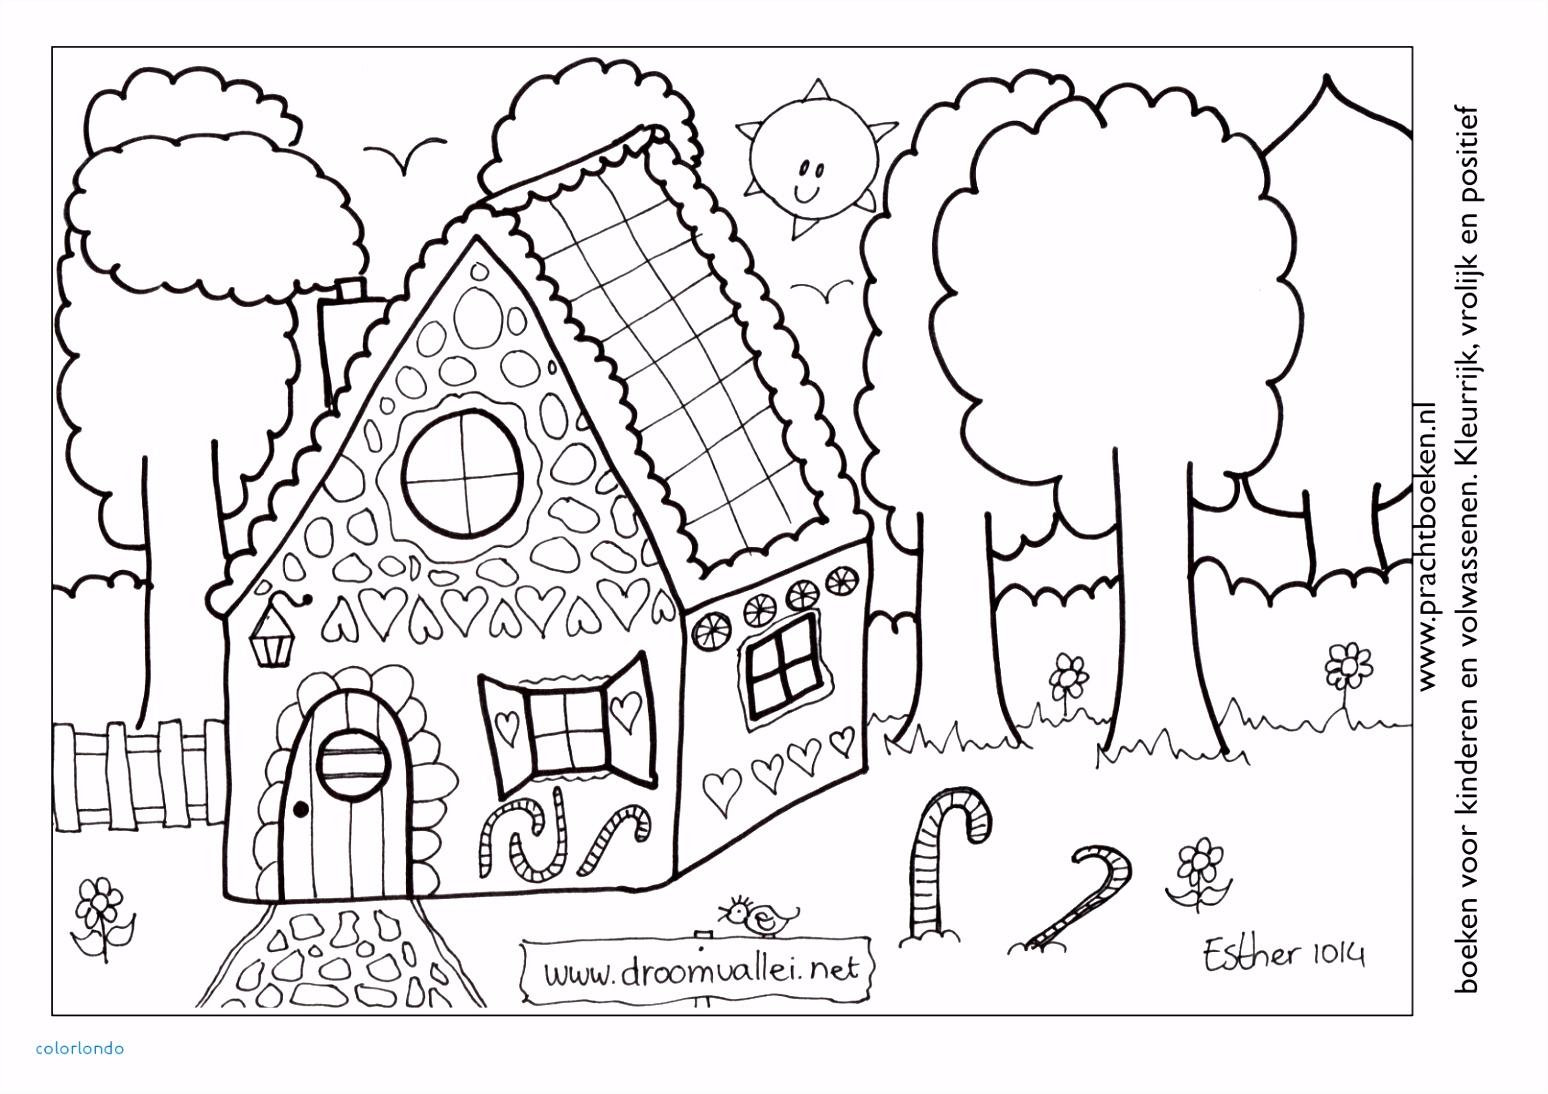 Huizen Kleurplaten Printen.7 Kleurplaten Huizen Sampletemplatex1234 Sampletemplatex1234